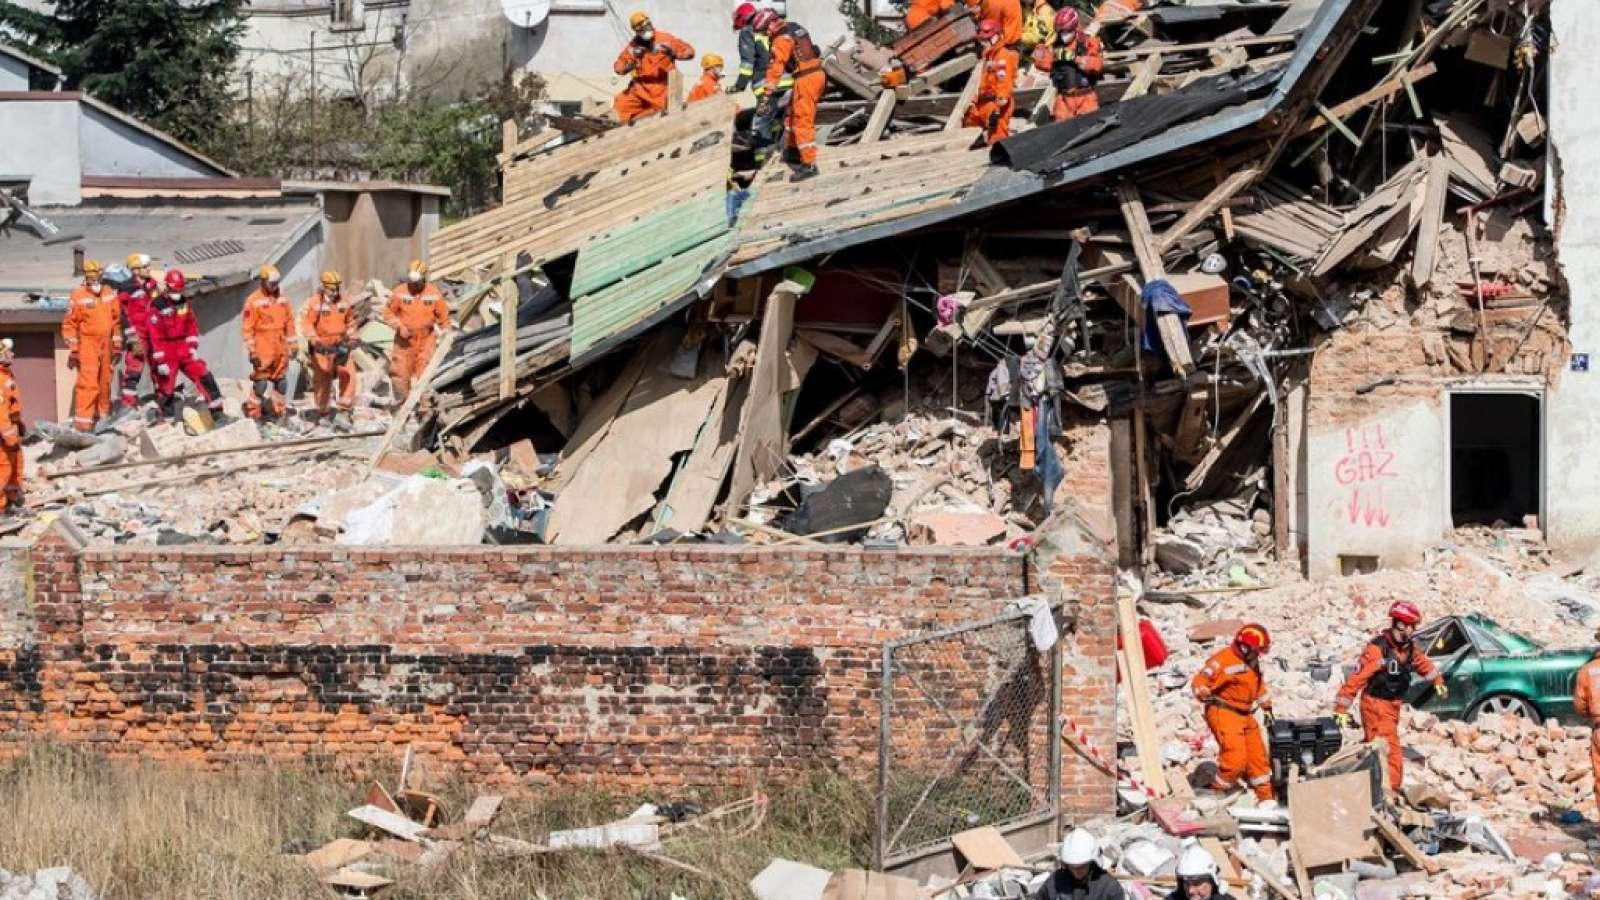 Nach dem Hauseinsturz in Polen suchen Rettungskräfte in den Trümmern nach Verschütteten. Mindestens drei Menschen starben bei dem Unglück.